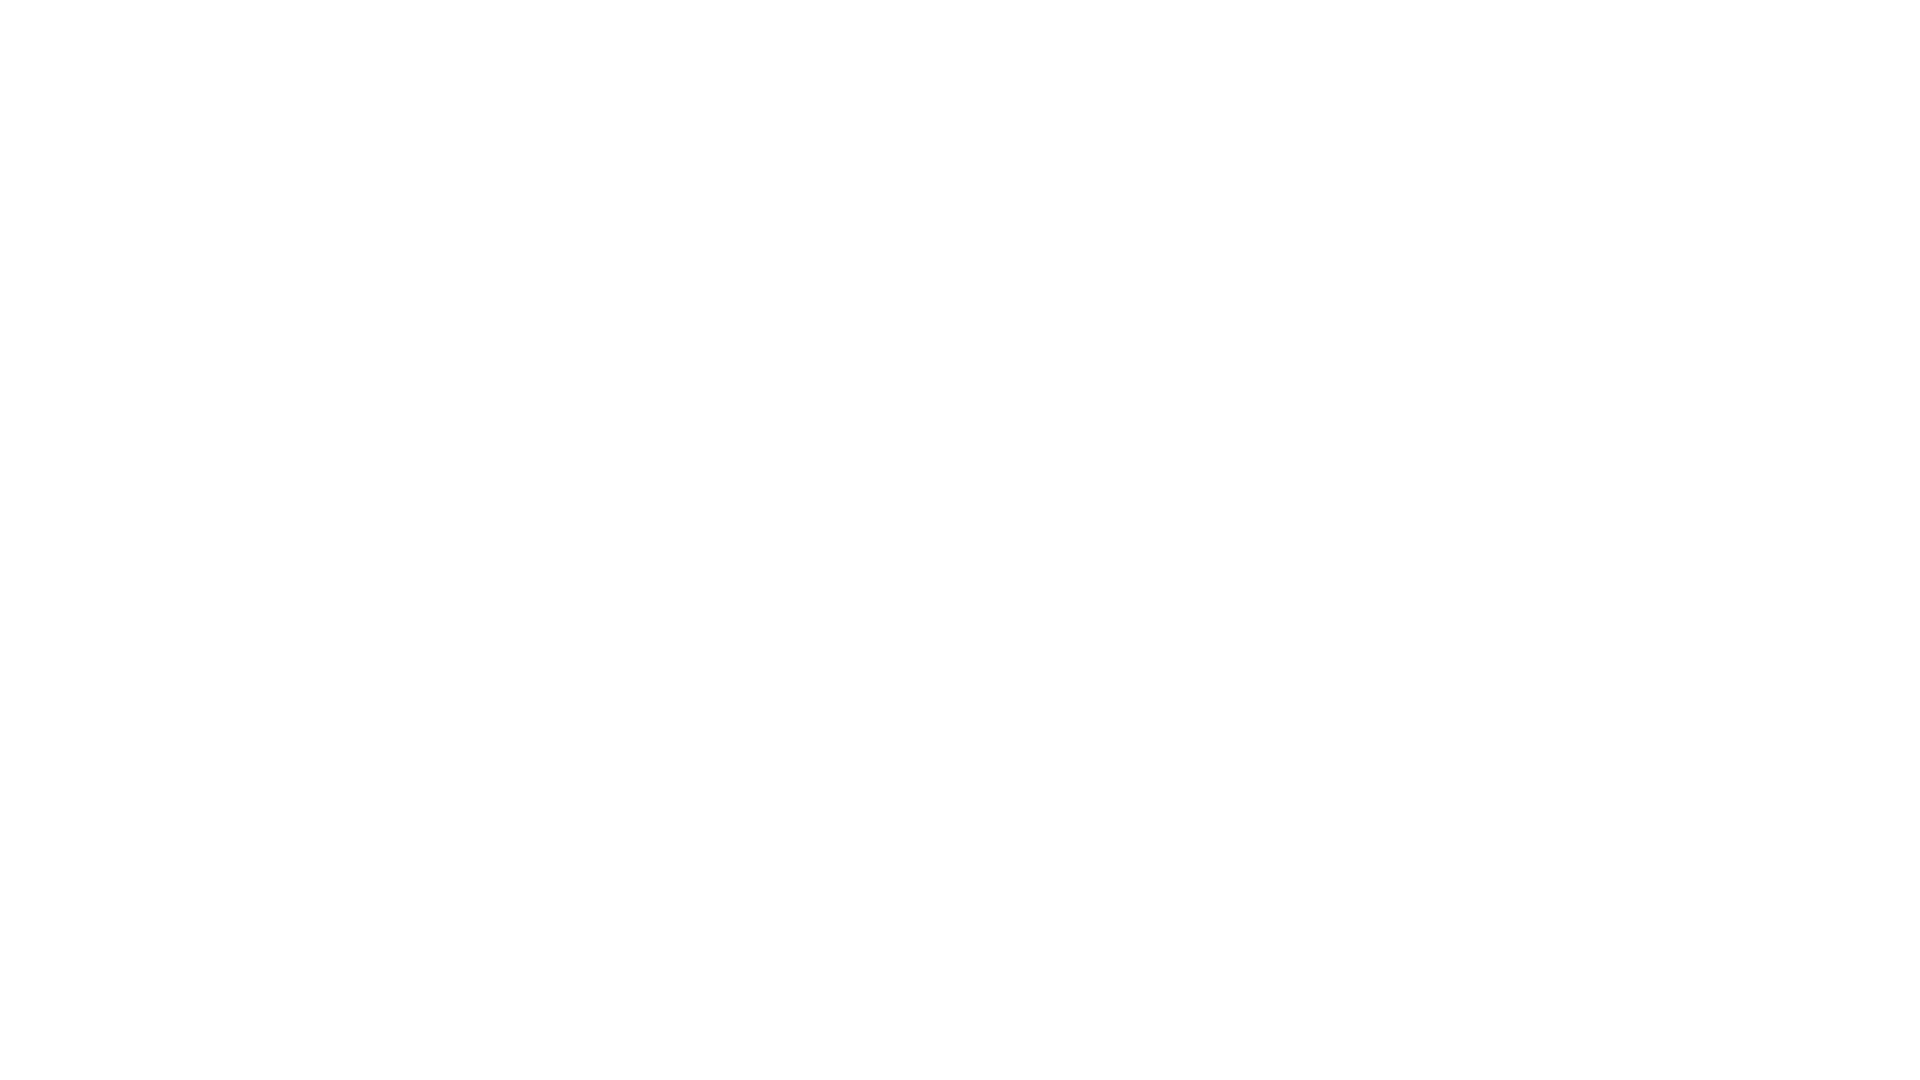 ※100個限定販売 至高下半身盗撮 プレミアム Vol.14 ハイビジョン 盗撮  74pic 60